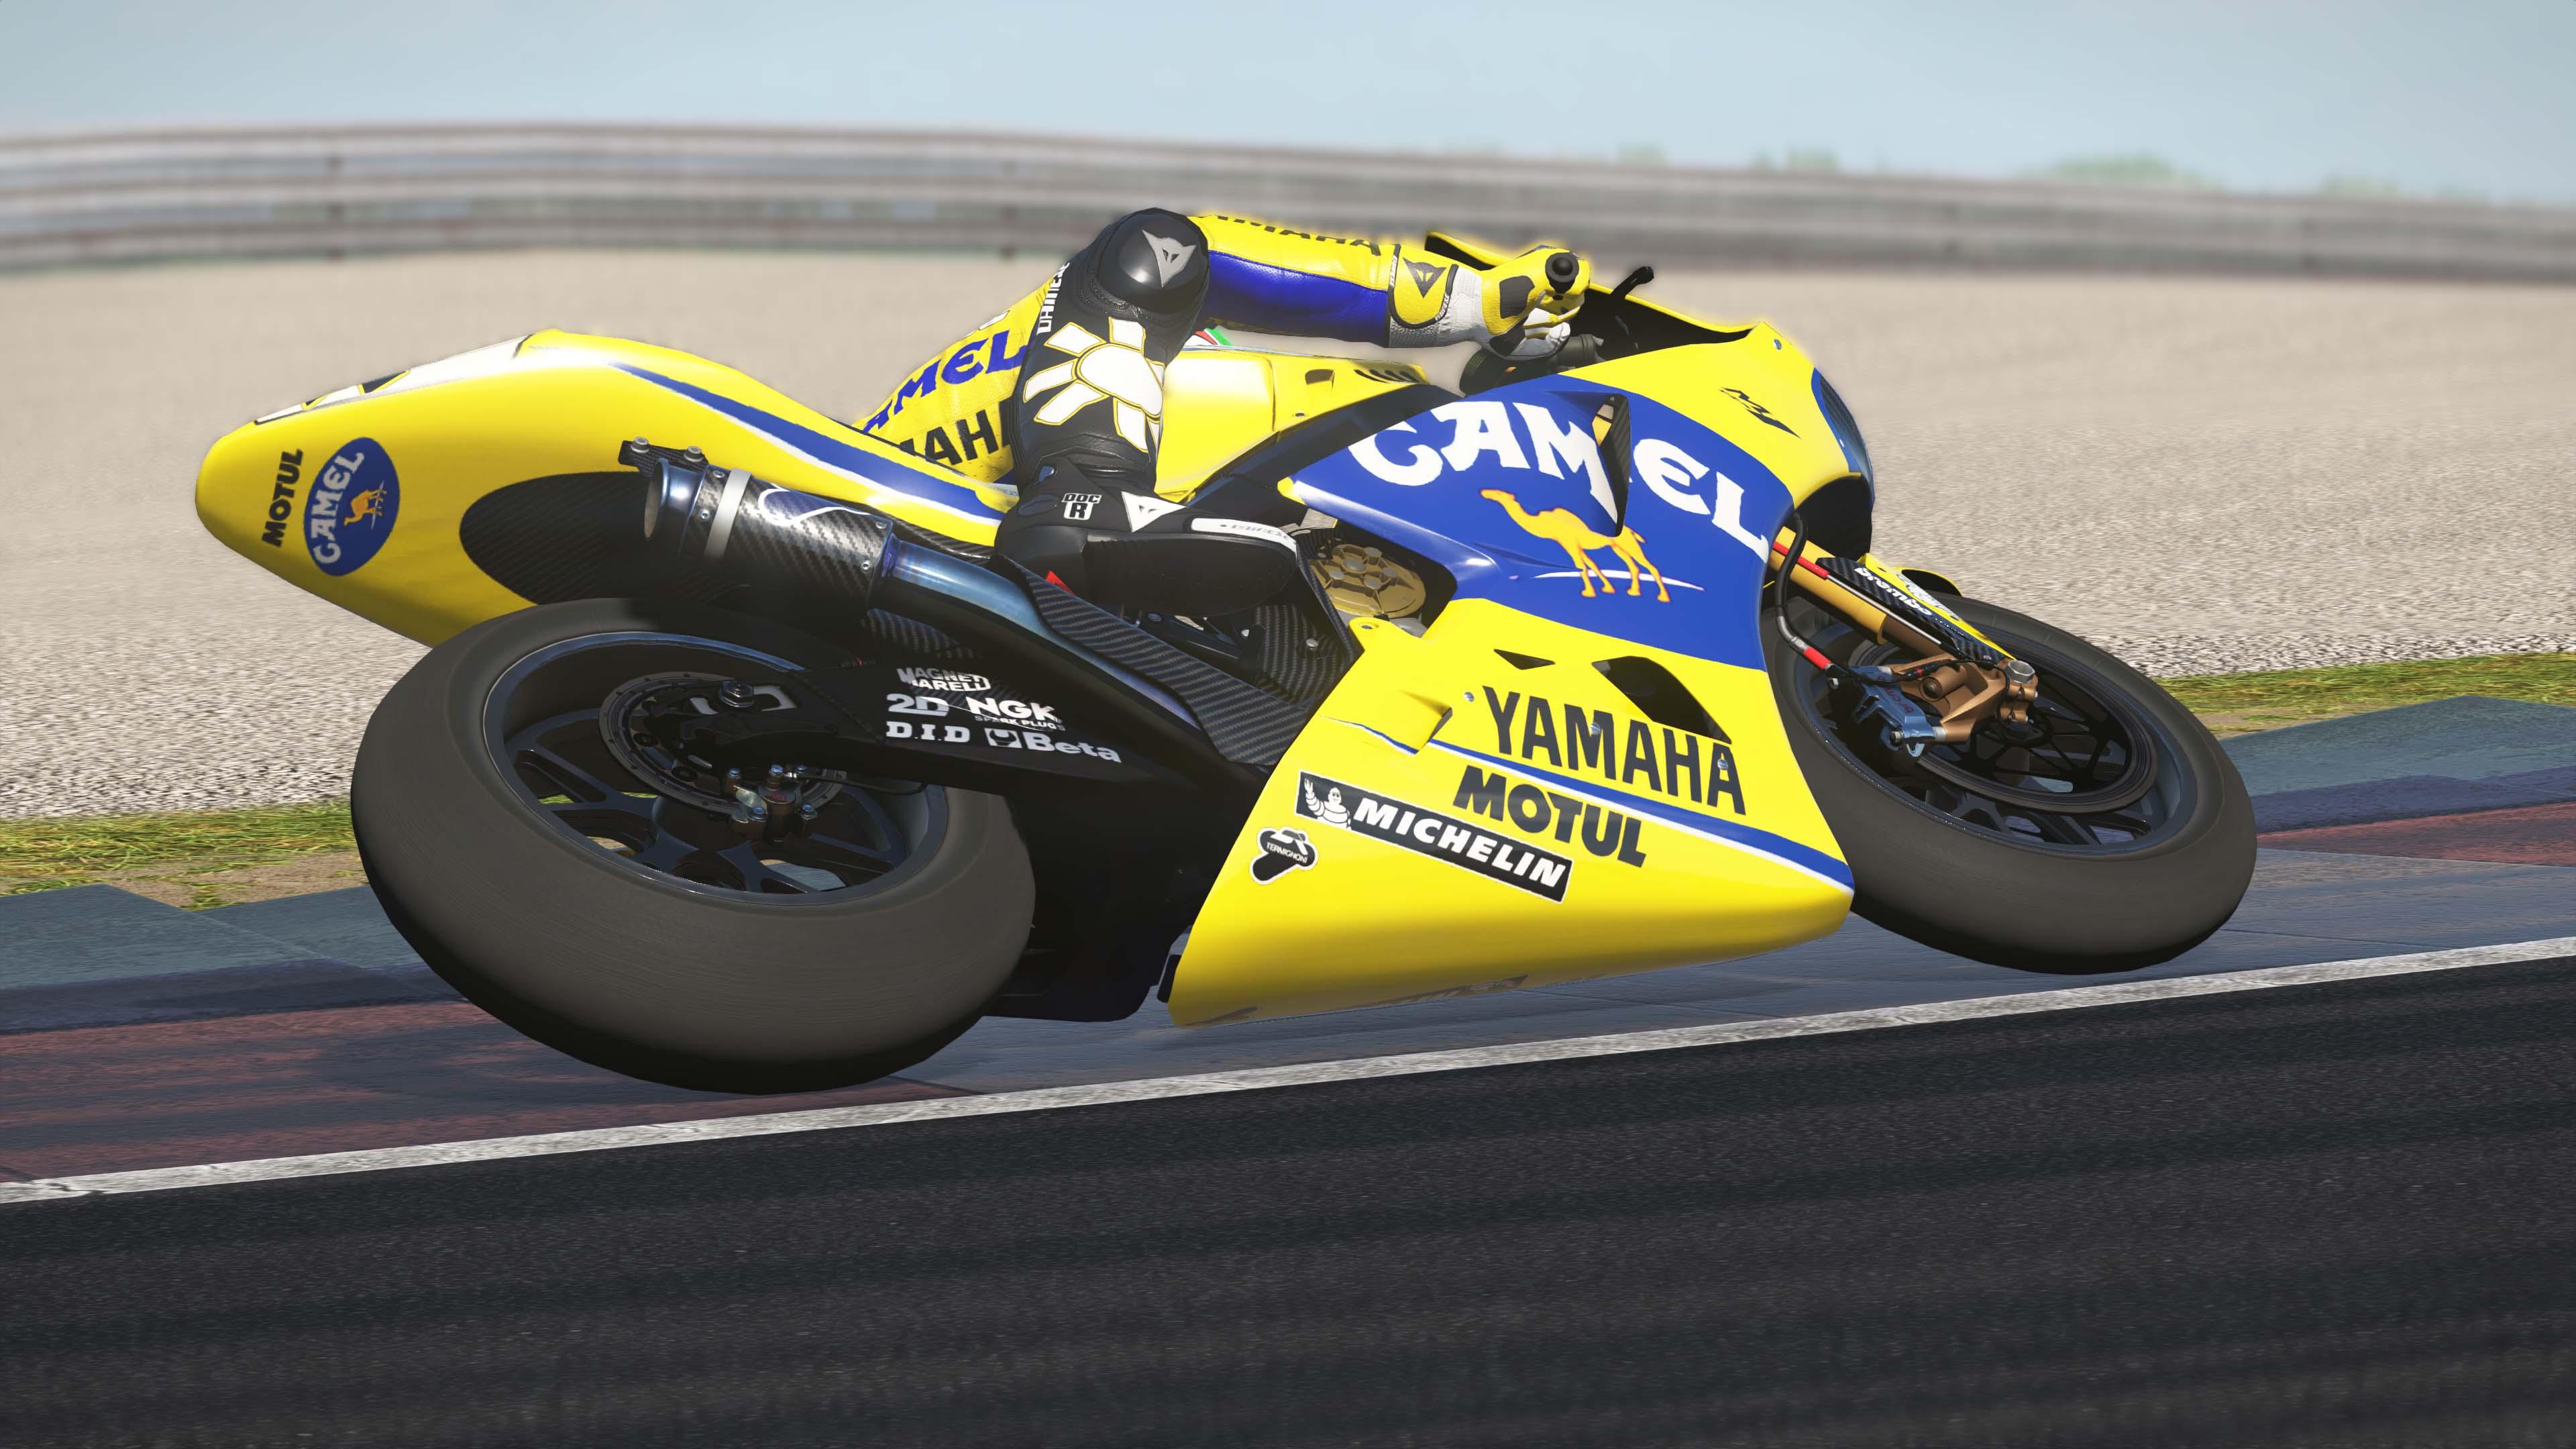 MotoGPVR46X64 2016-07-12 22-10-31-23.jpg